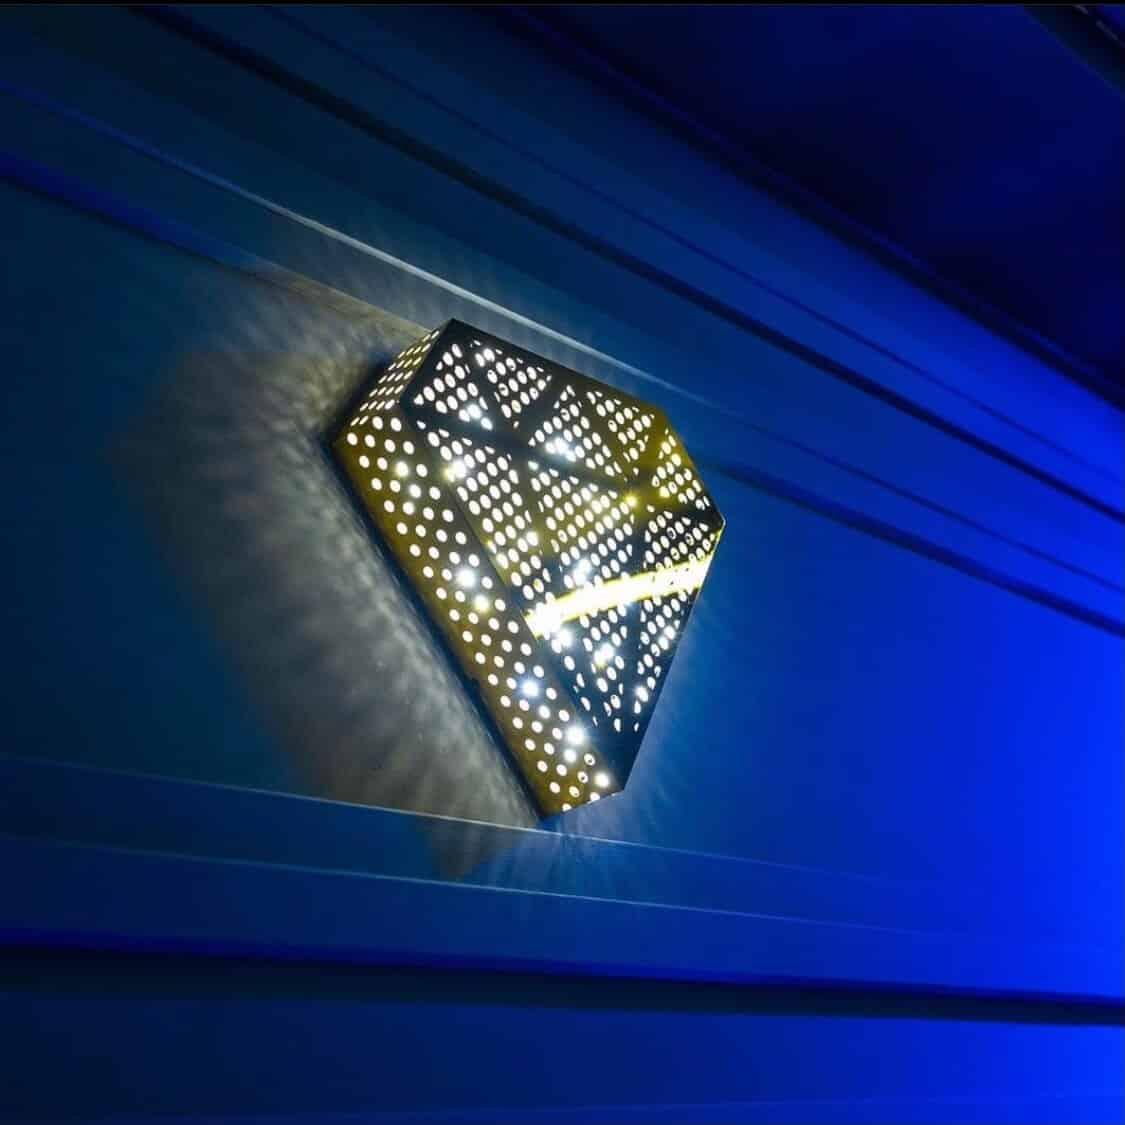 Auf dem Bild zu sehen ist ein leuchtendes 3D Diamanten-Logo im Hellen